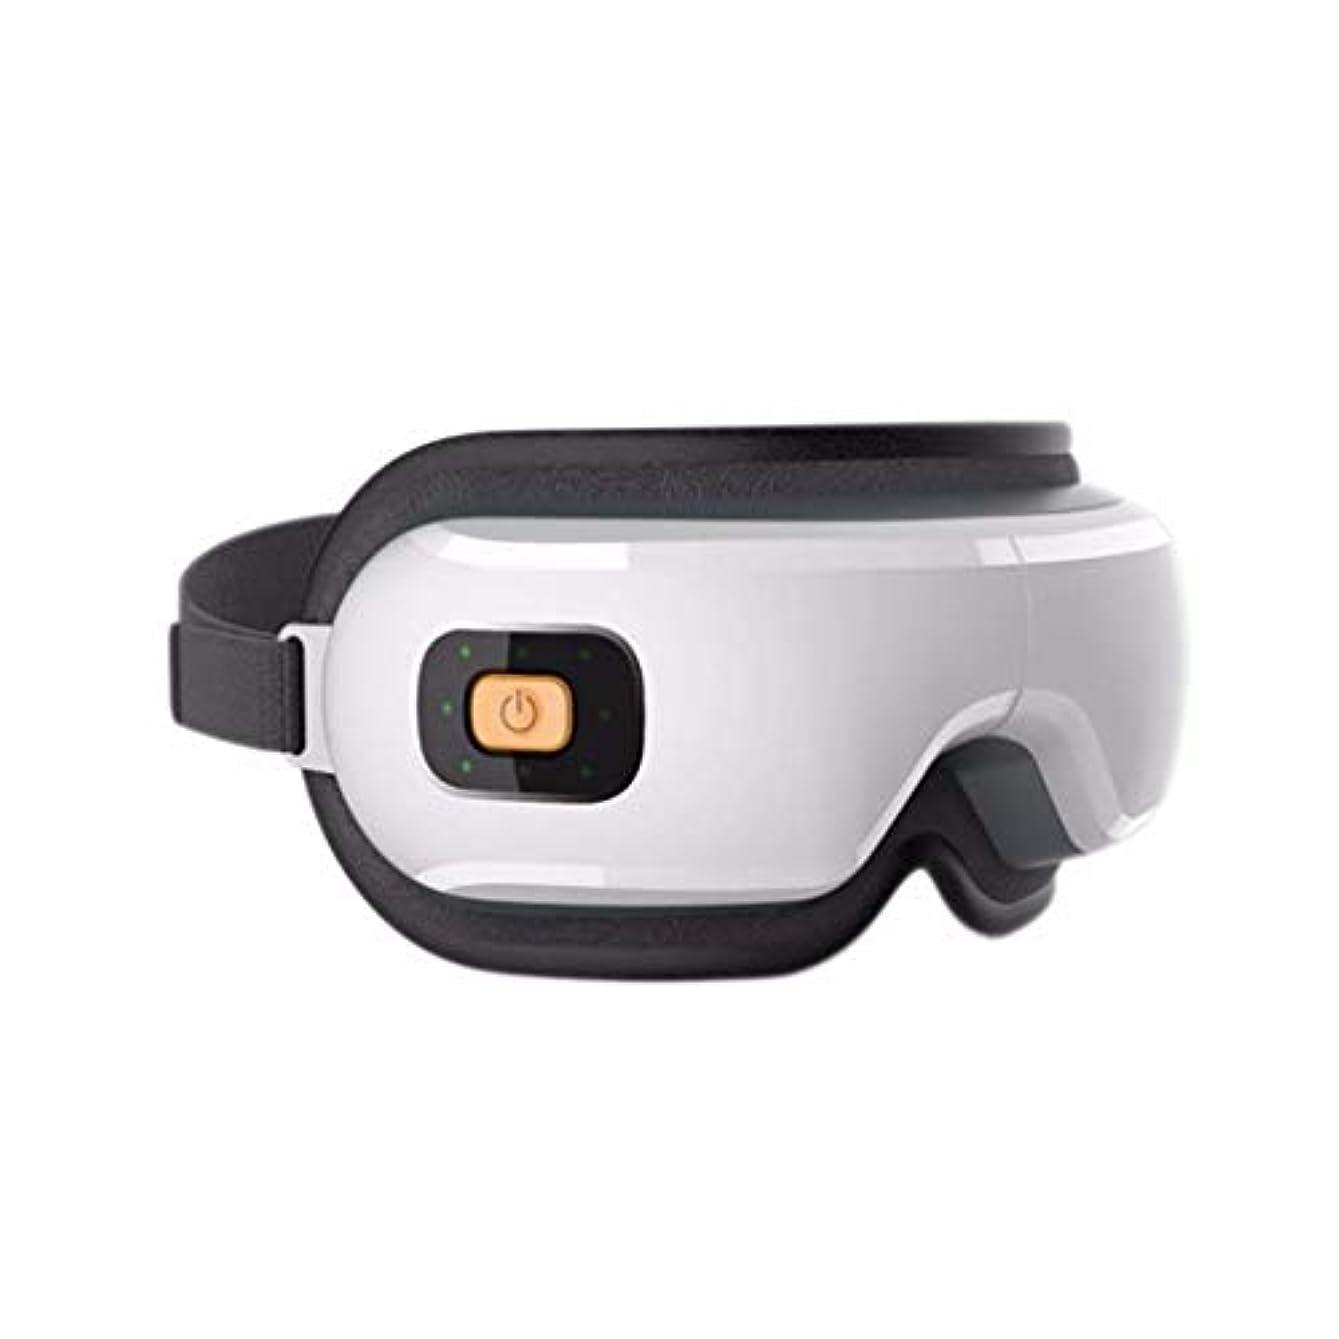 違う小康振動させるアイマッサージャー、ワイヤレススマート電動アイマスク、マッサージ/充電/ブルートゥース音声/加熱/多周波振動/空気圧縮/なだめるような音楽/アイスパ、旅行事務車用